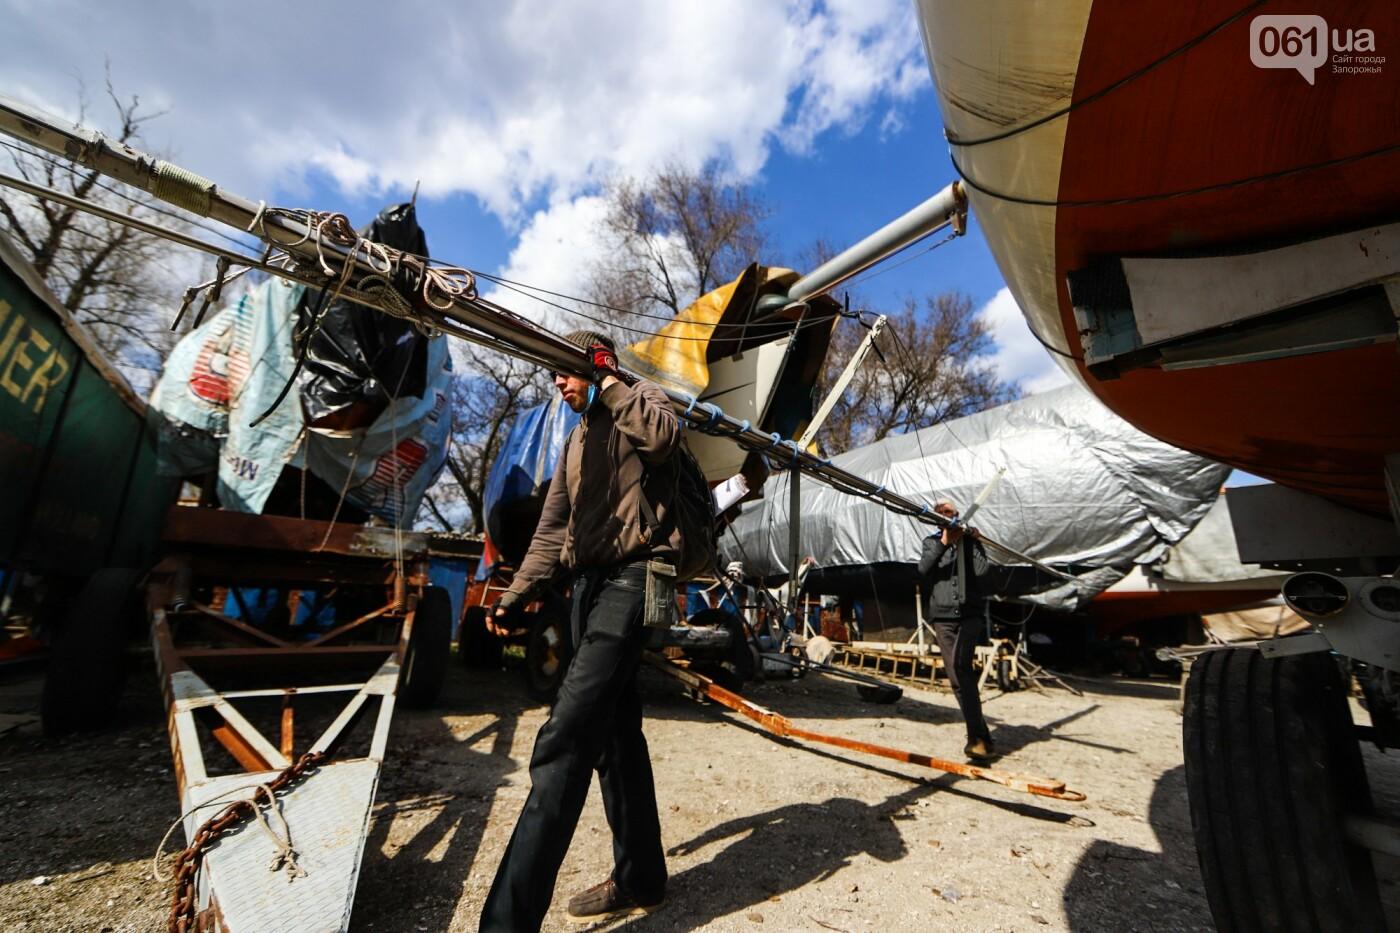 «Семь футов под килем!»: как в запорожском яхт-клубе спускали судна на воду, - ФОТОРЕПОРТАЖ , фото-49